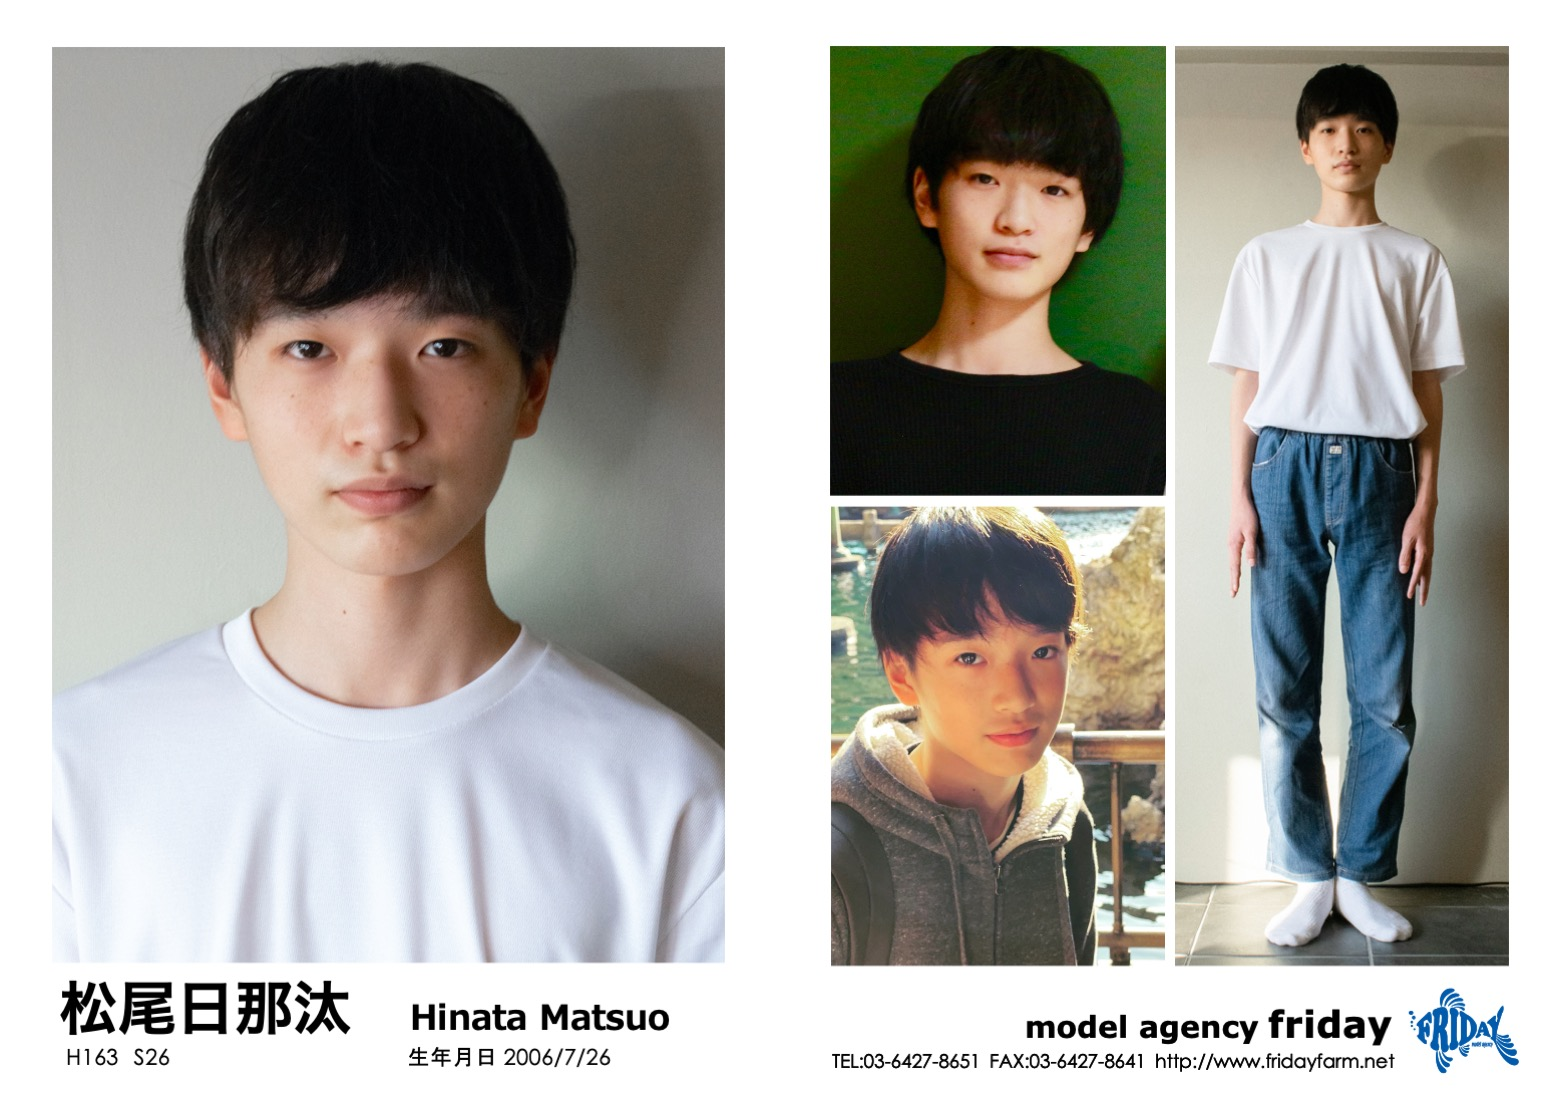 松尾 日那汰 - Hinata Matsuo   model agency friday